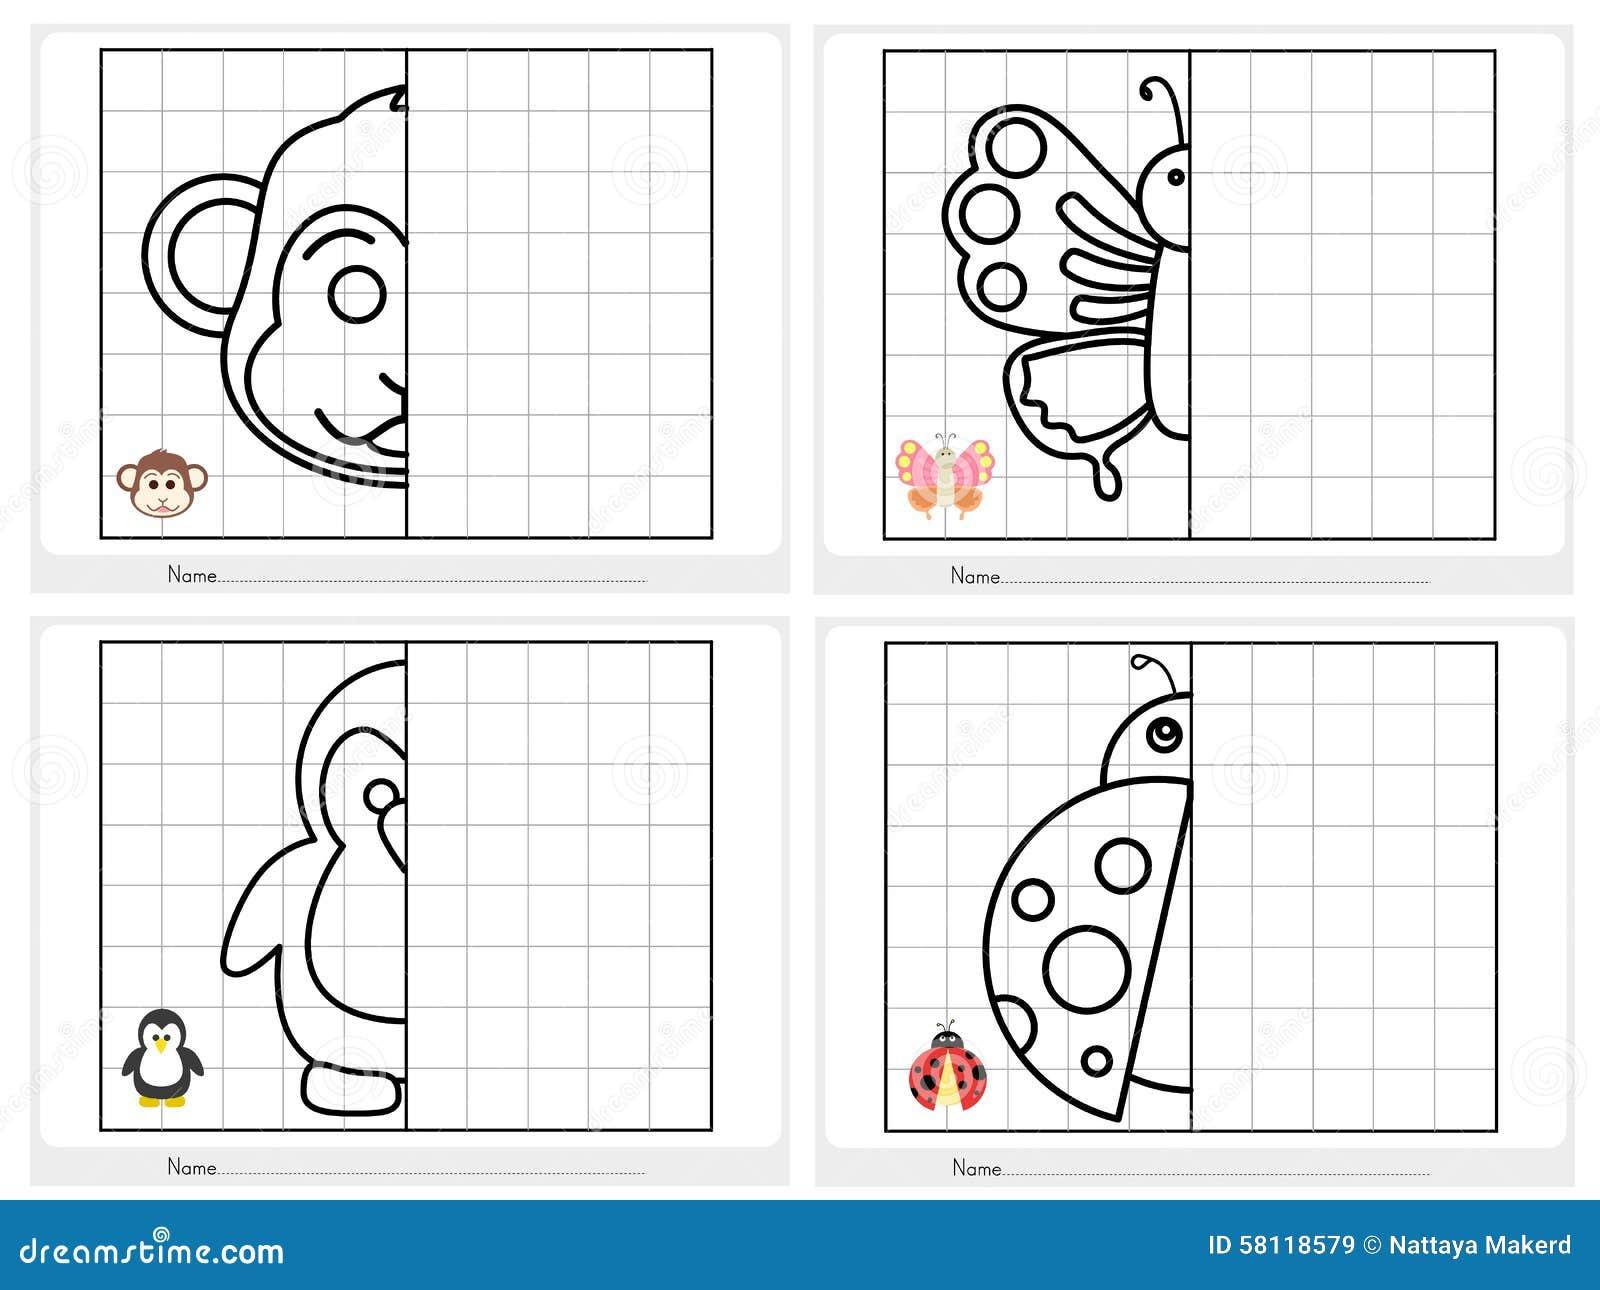 Symetryczny obrazek - Worksheet dla edukaci